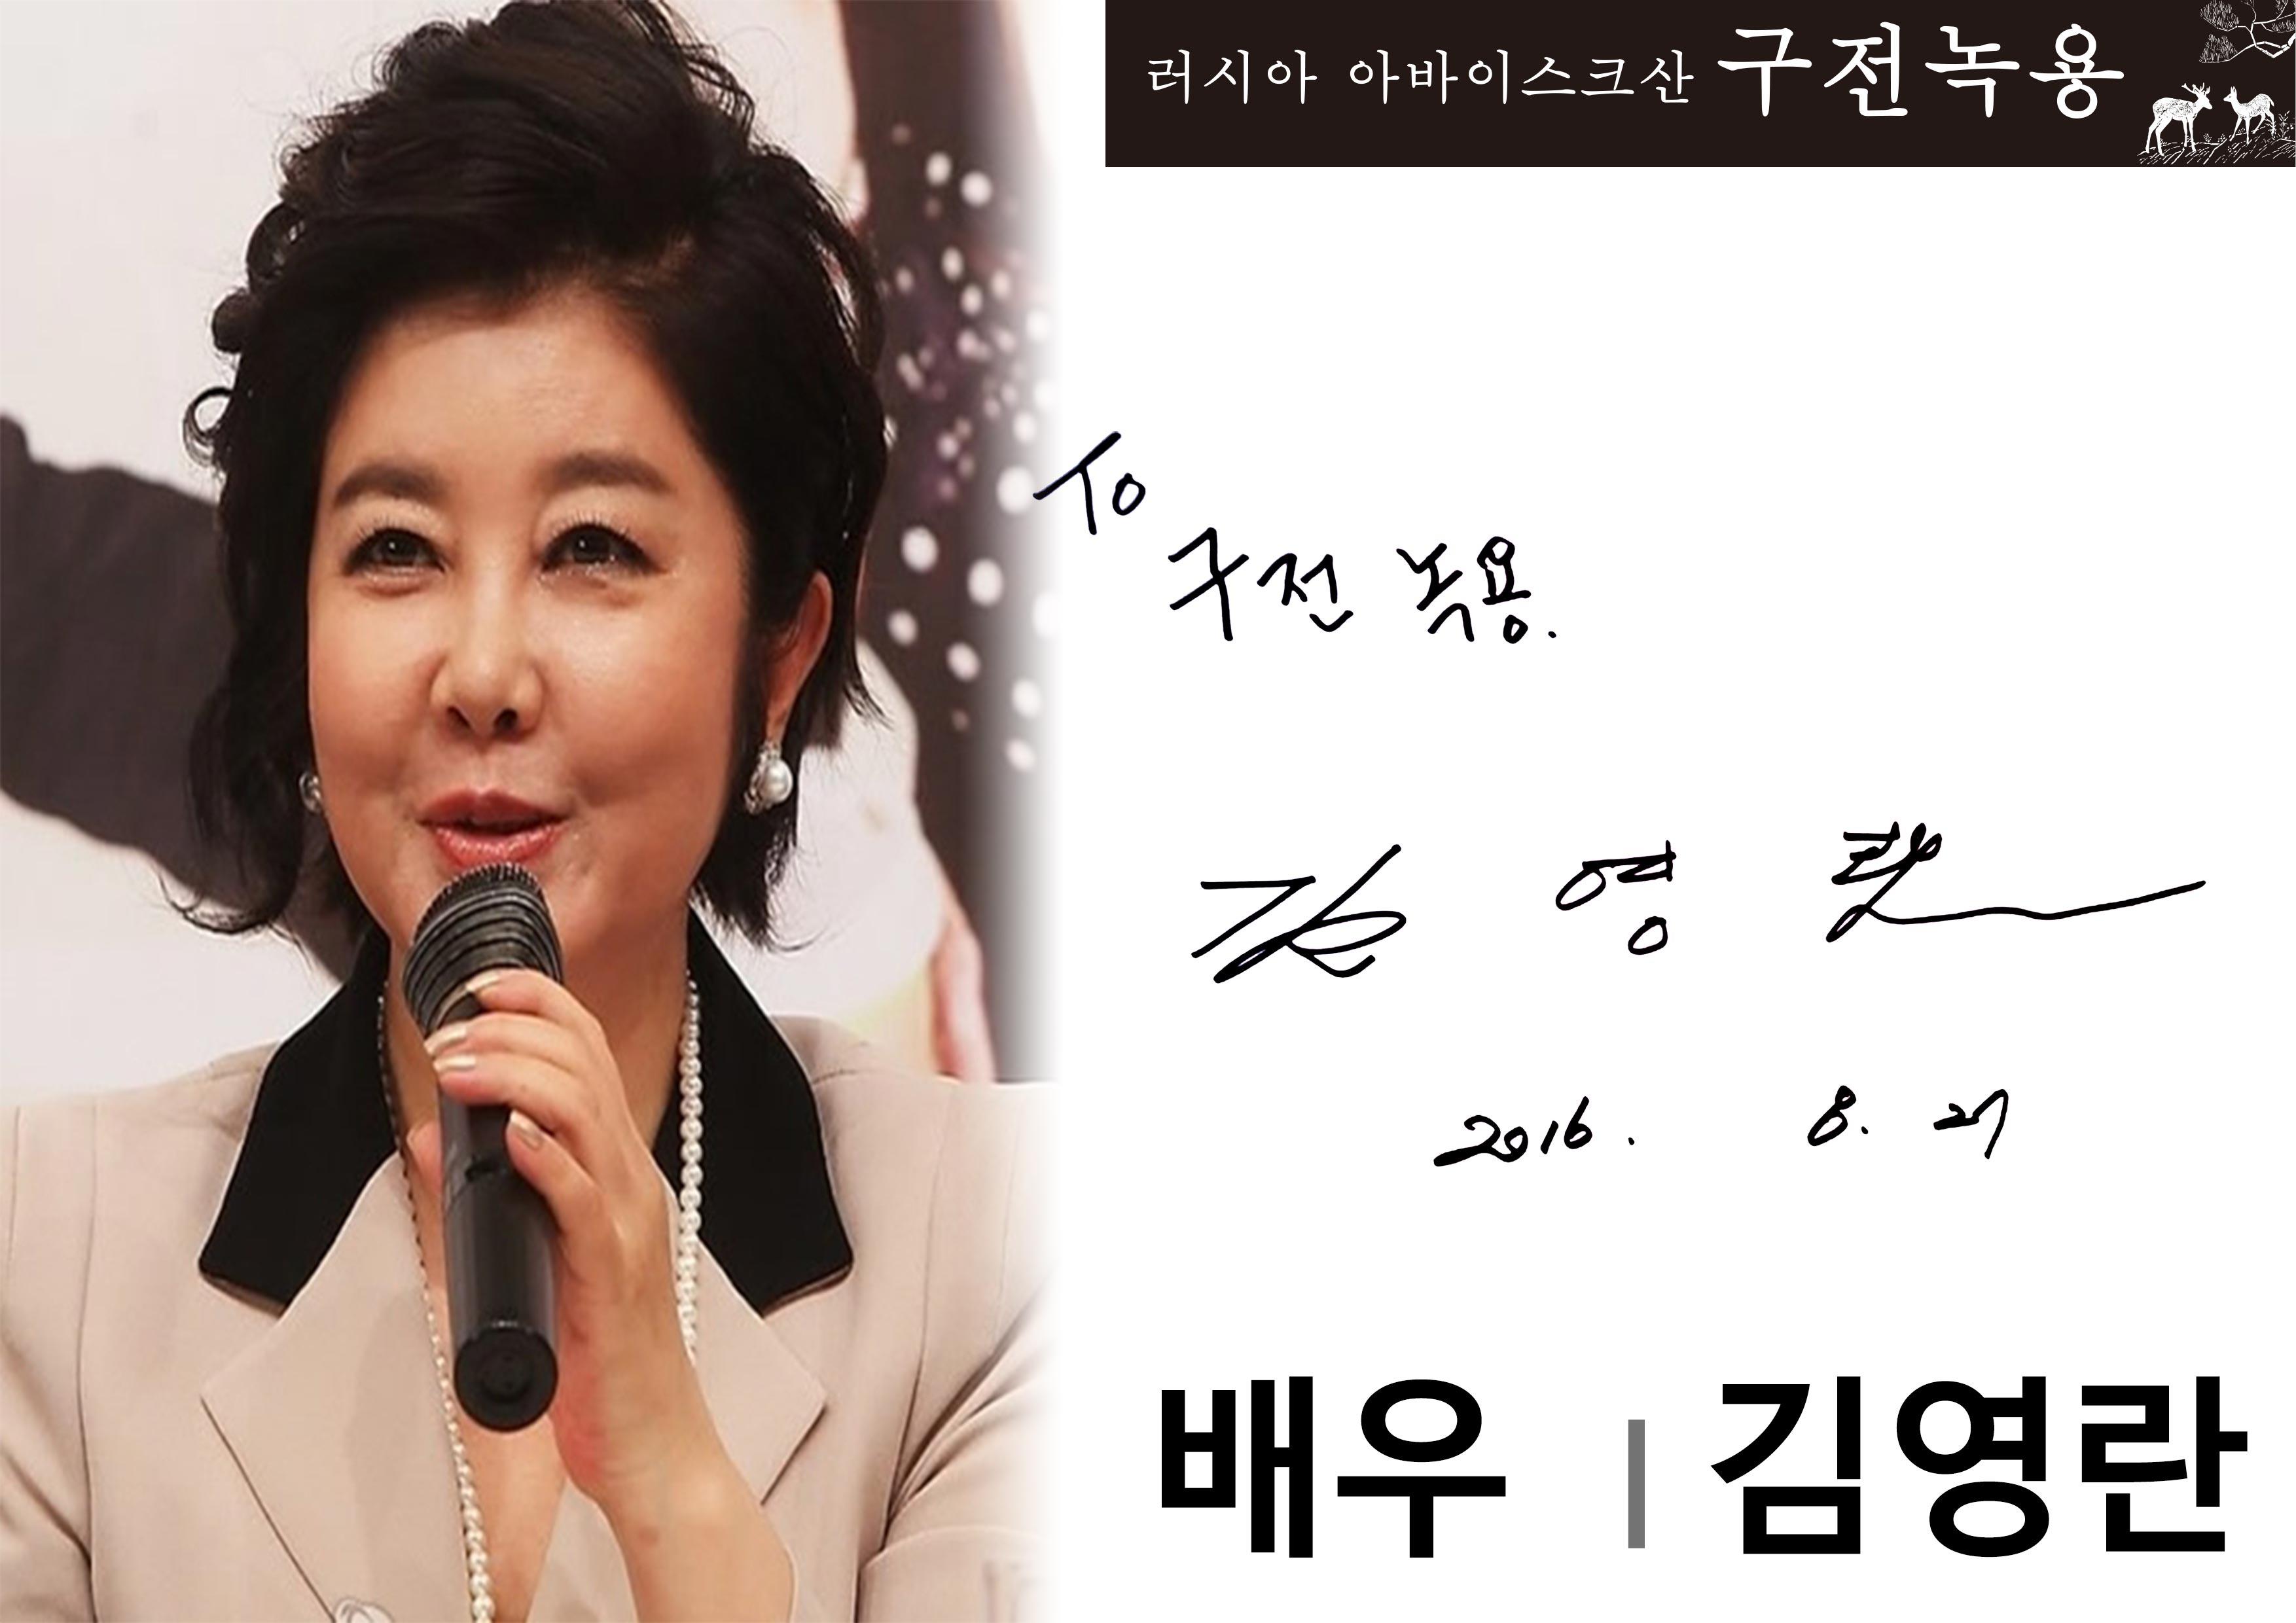 Kim Young-ran